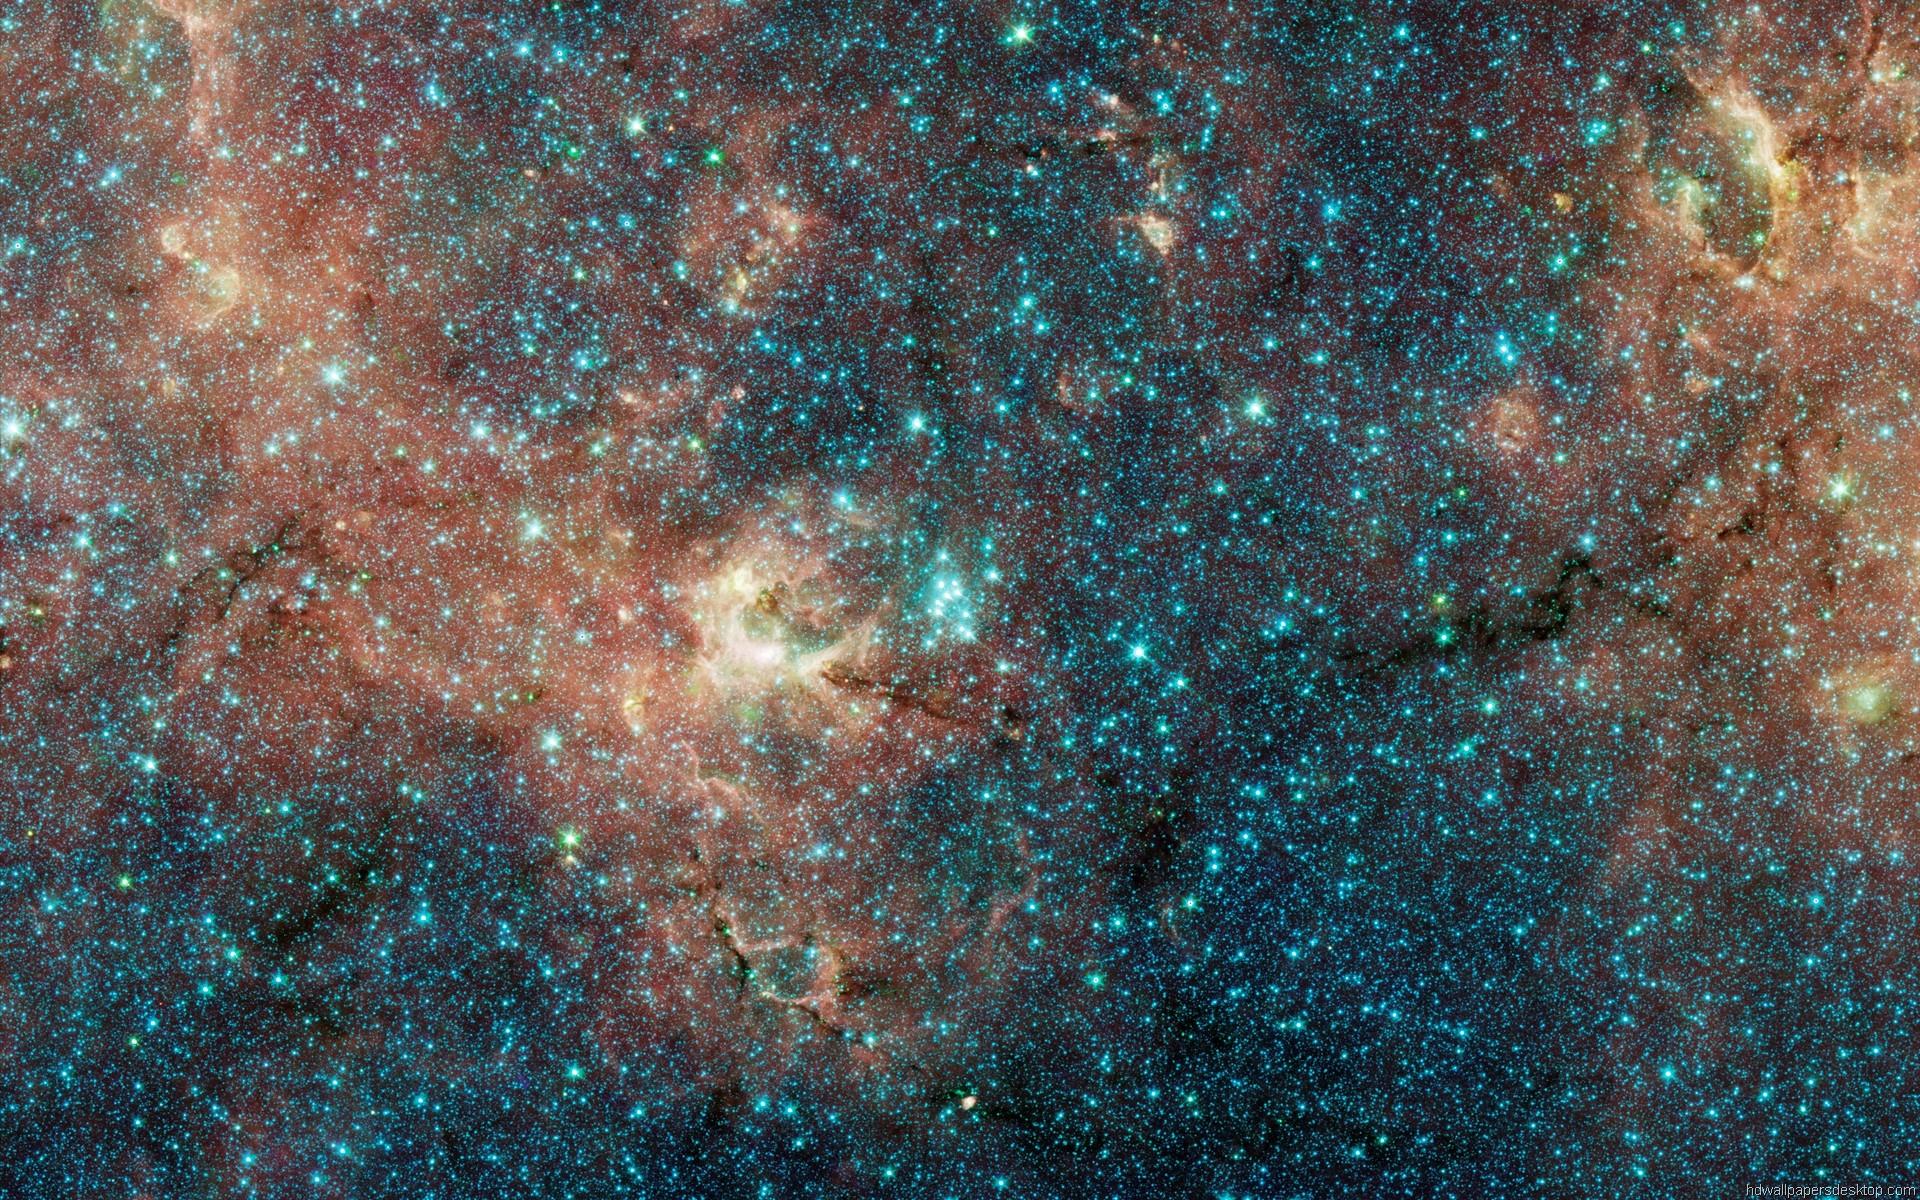 Desktop Backgrounds Space Hubble | Desktop Image